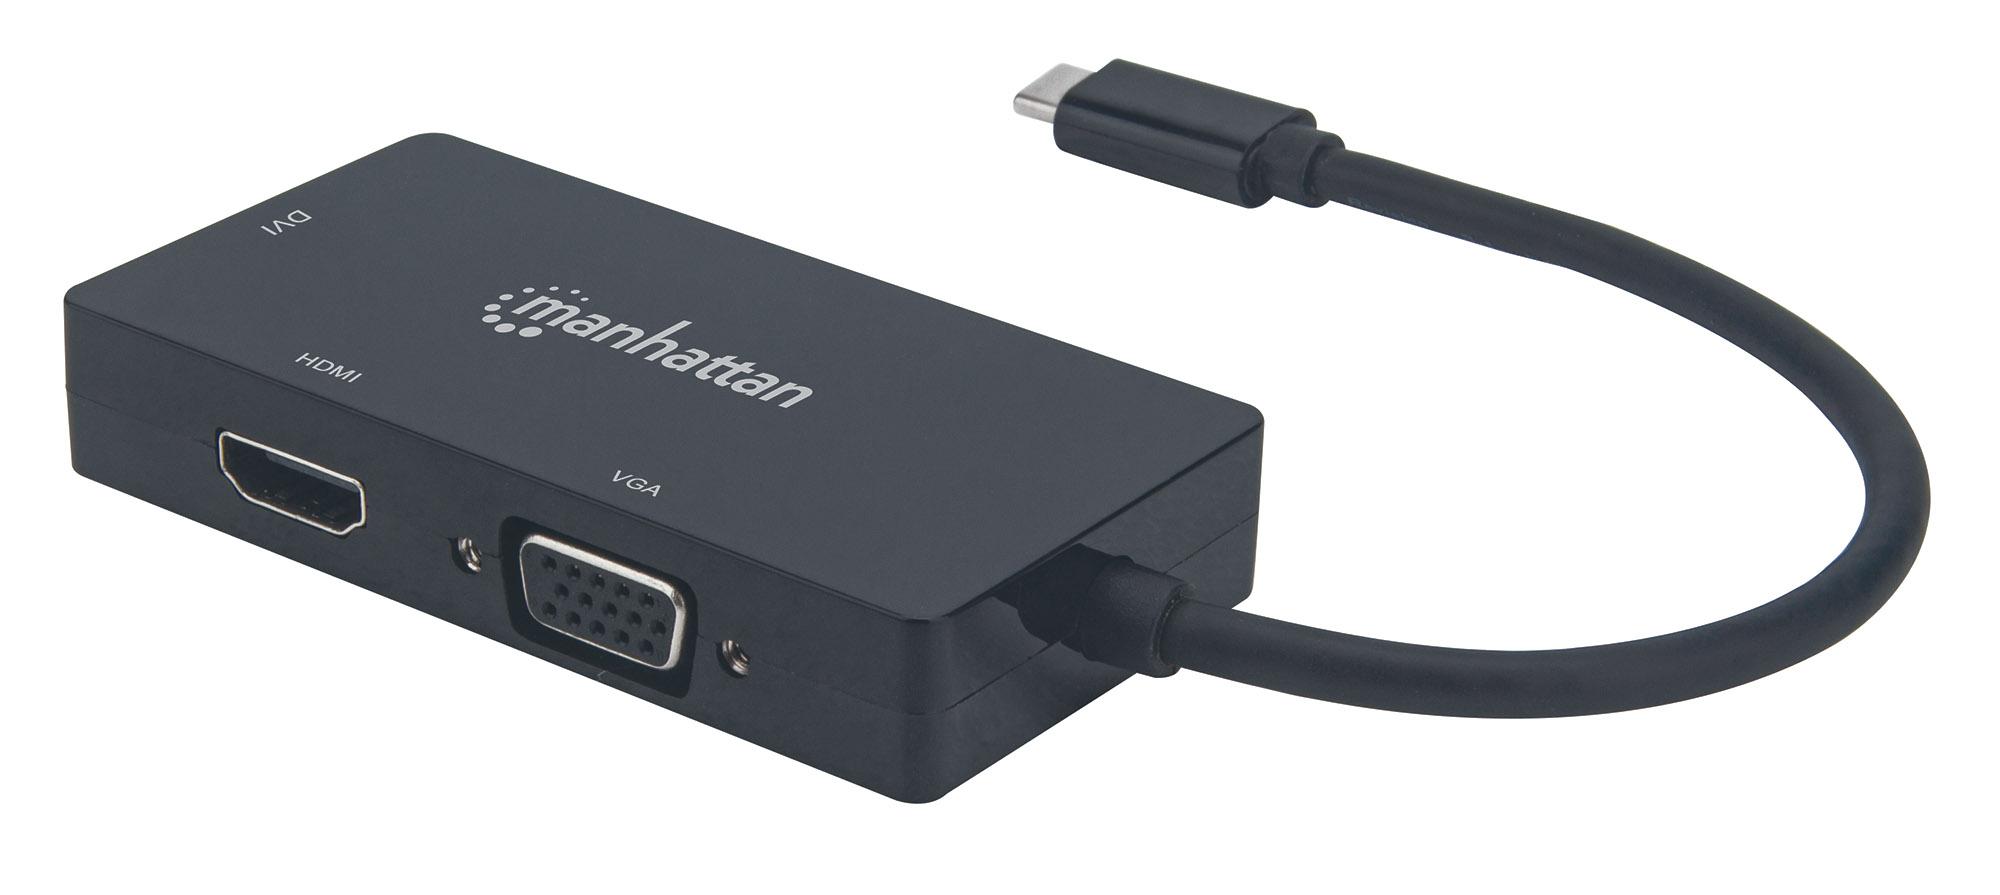 USB-C 3-in-1 Multiport A/V Converter